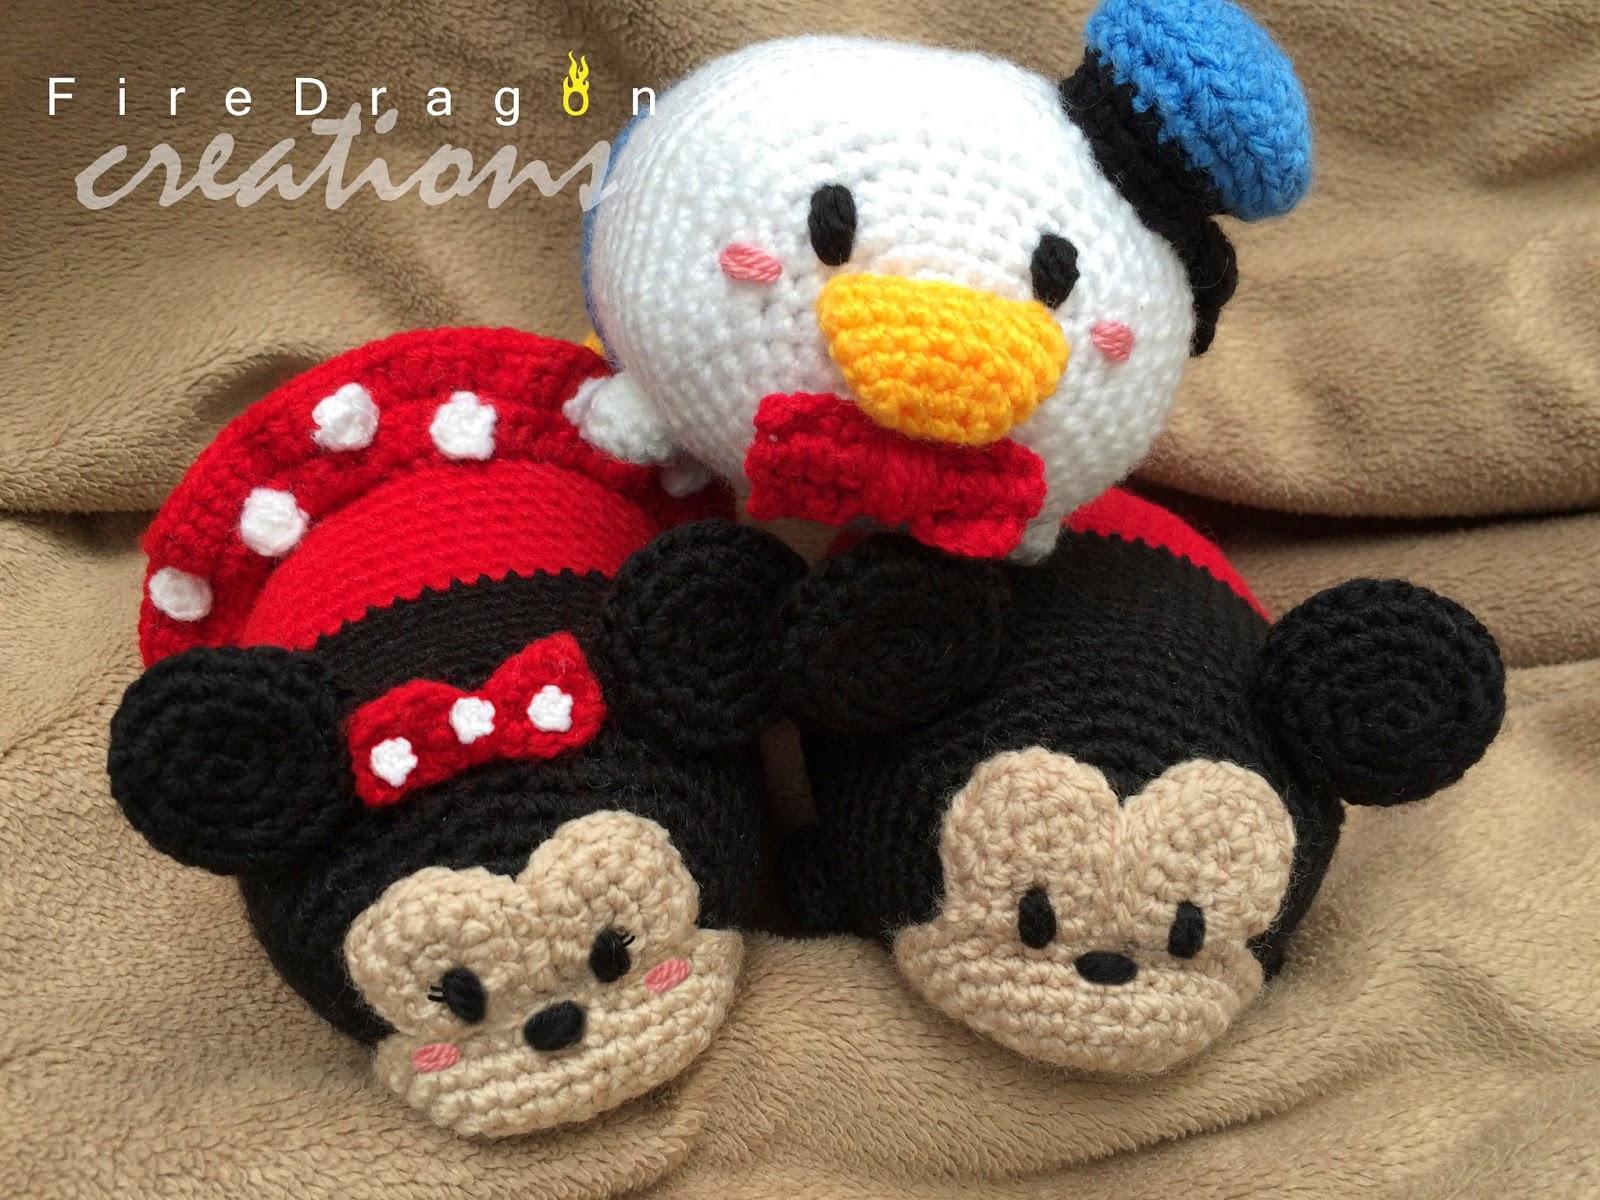 Amigurumi Munecos Disney : FireDragon Creations: Disney TsumTsum Amigurumi